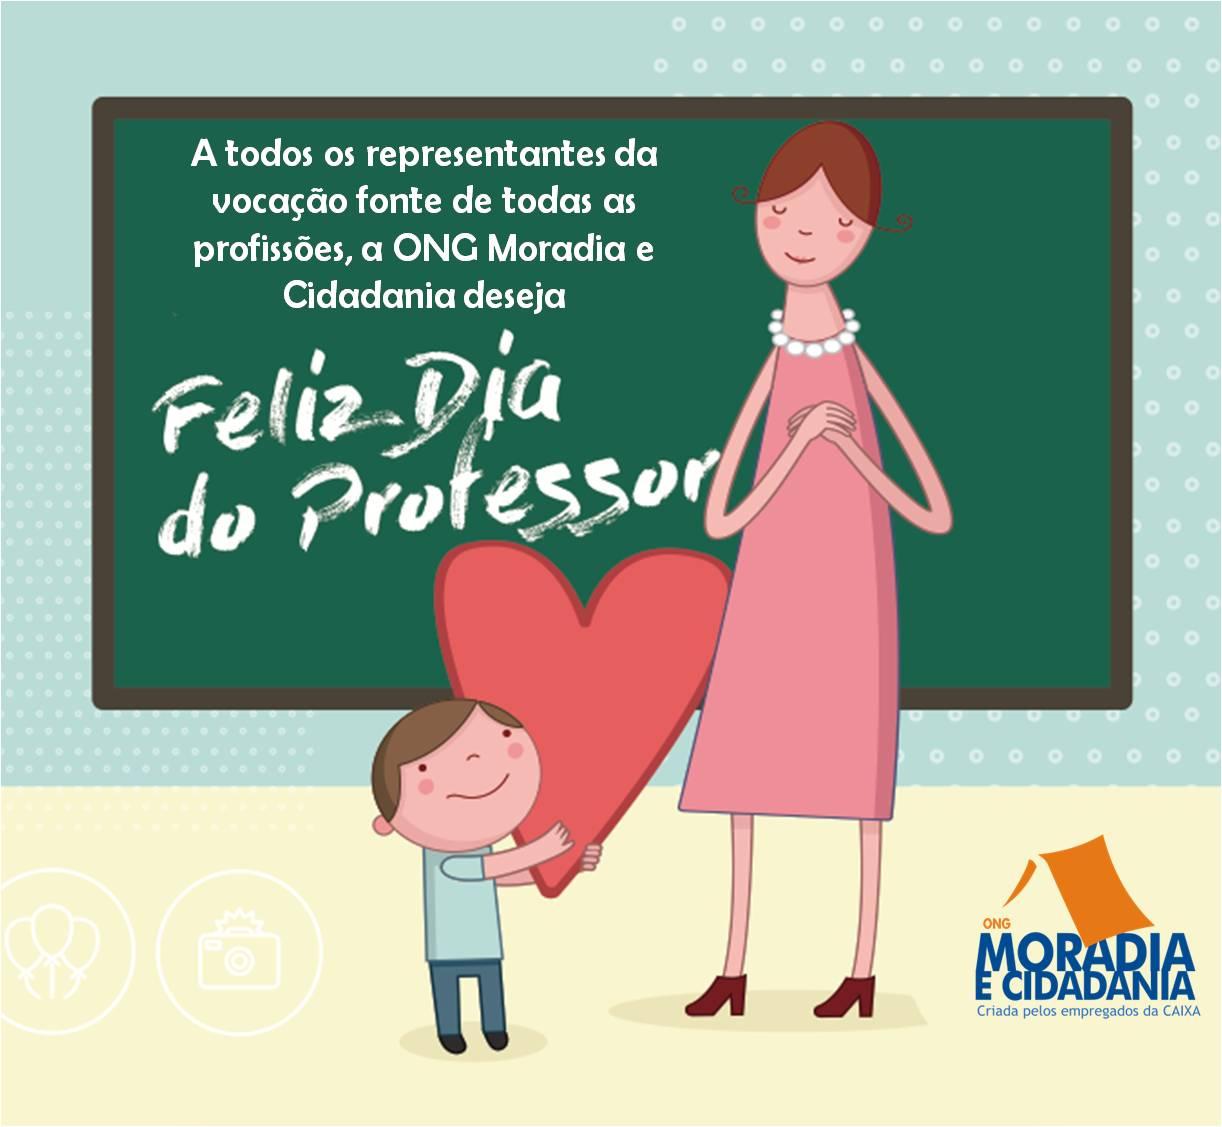 """Aos representantes da vocação fonte de todas as profissões, a ONG Moradia e Cidadania deseja """"Feliz Dia do Professor""""."""